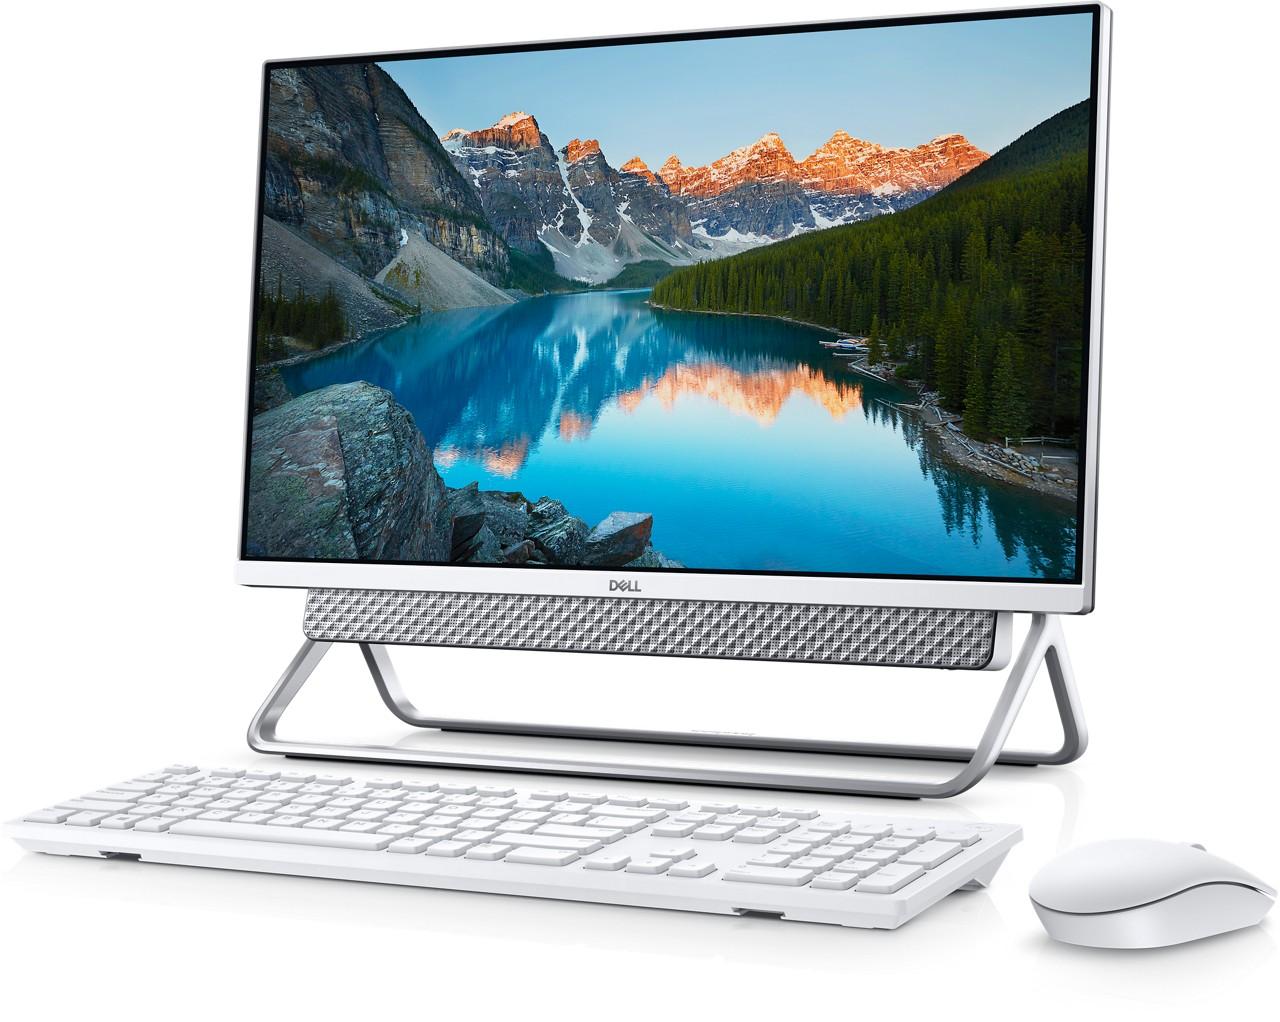 Dell Inspiron 5400 AIO 23,8